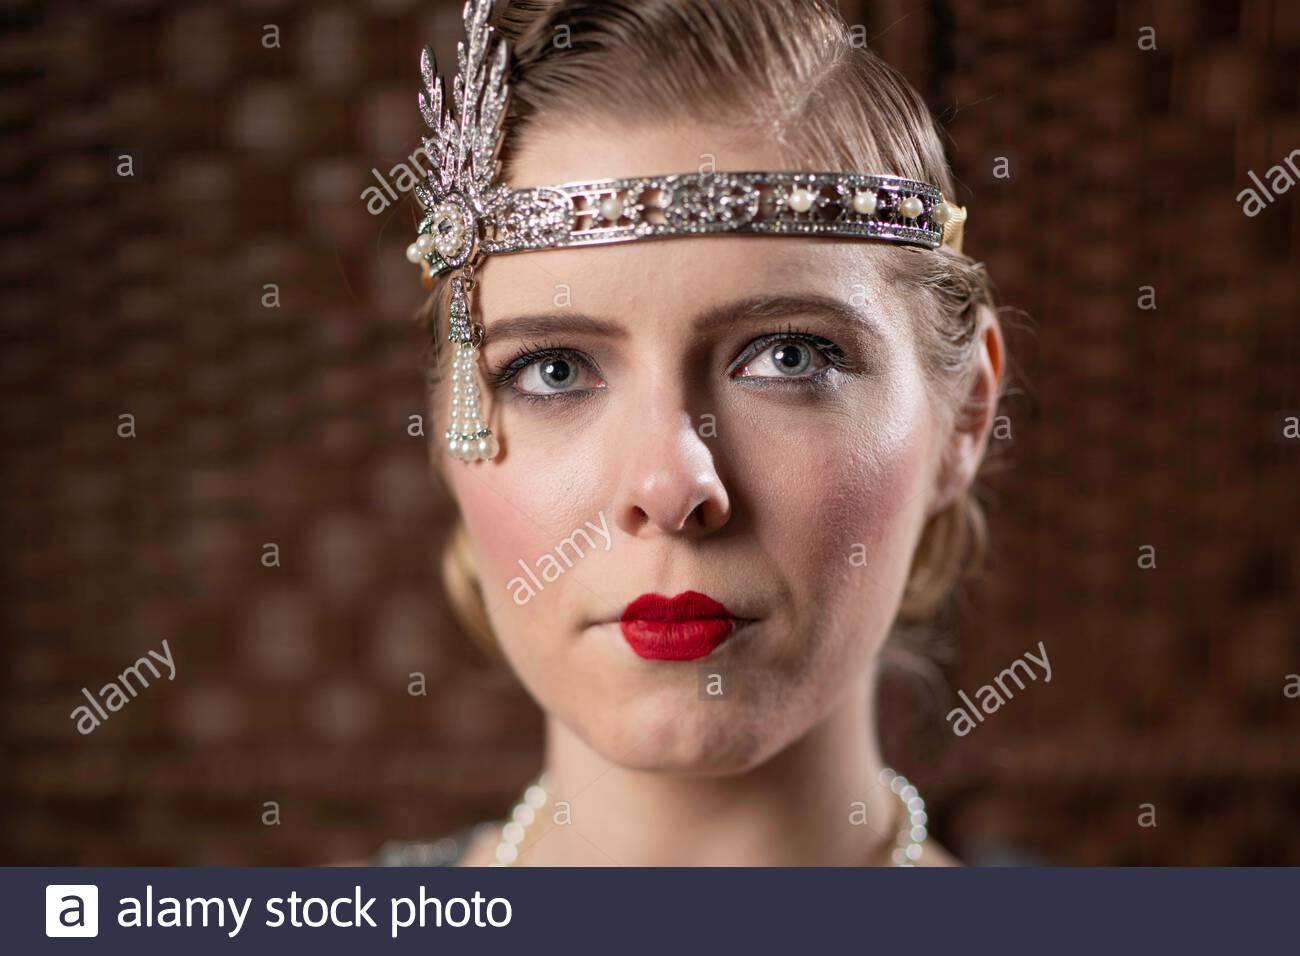 MOSTRA-STADIO-ANNI 1920 Nero in piuma fascia per capelli Anni 1920-Flapper-Charleston-DANCE